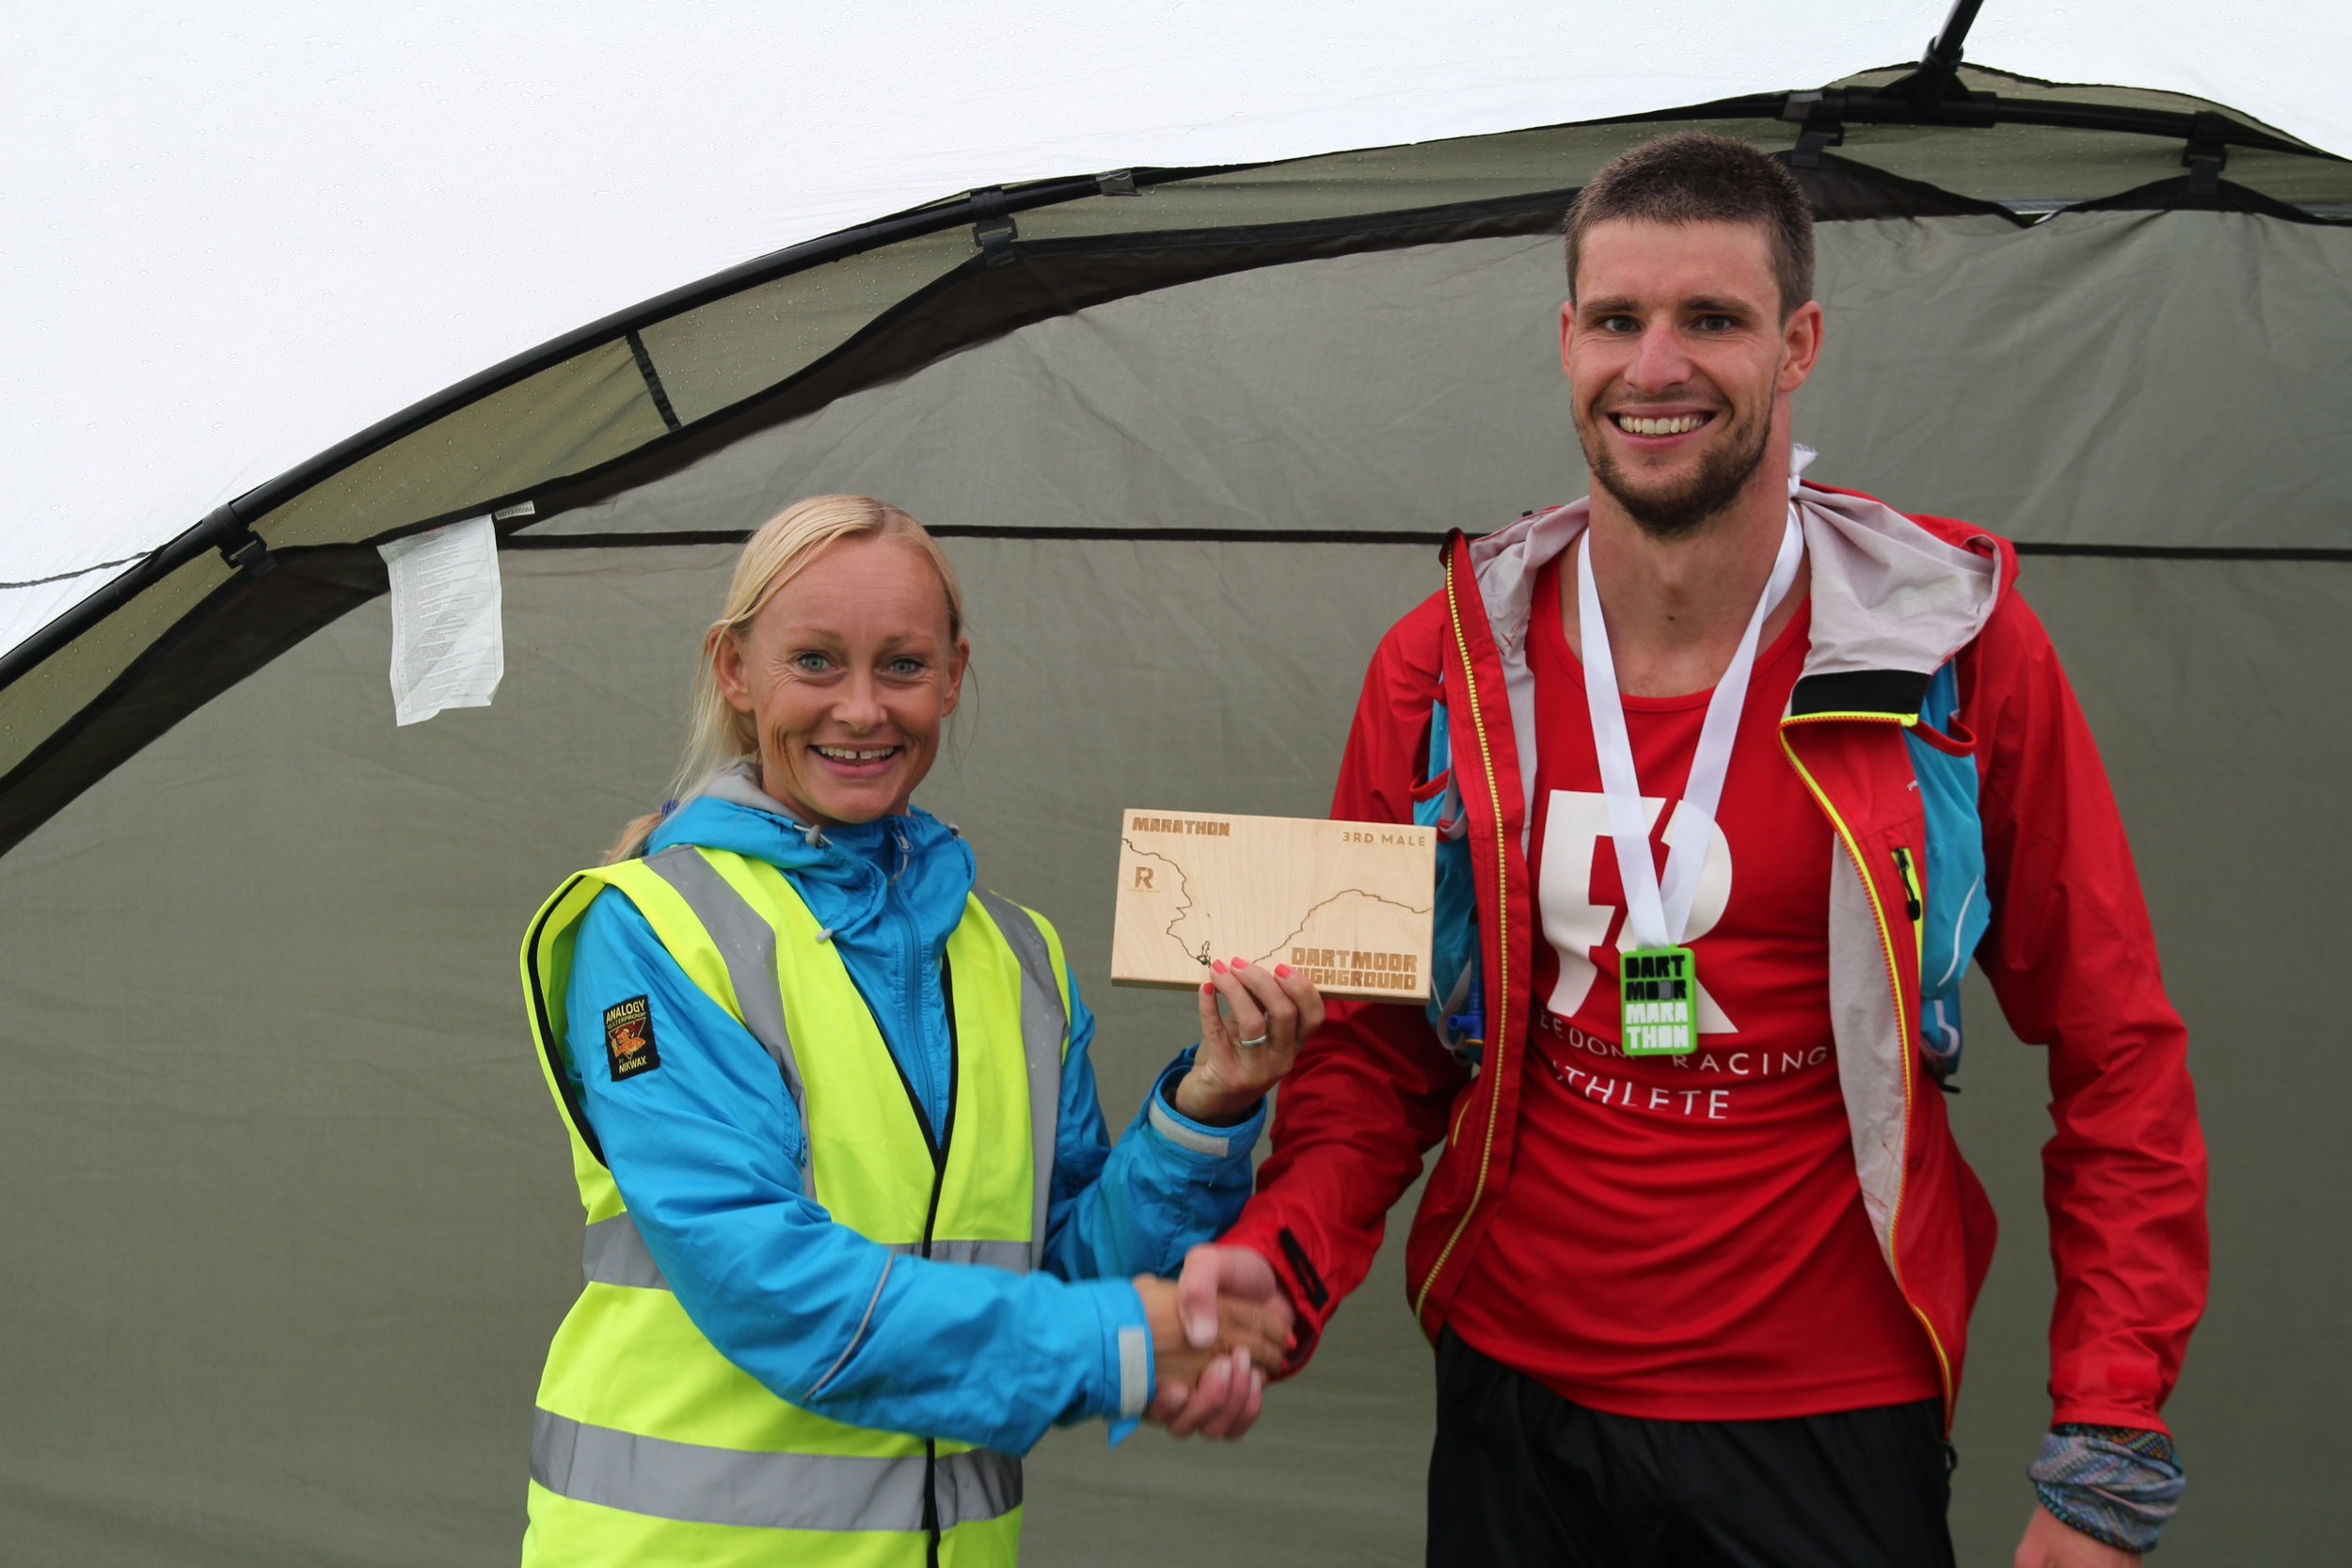 A wet and wild Dartmoor Marathon finisher